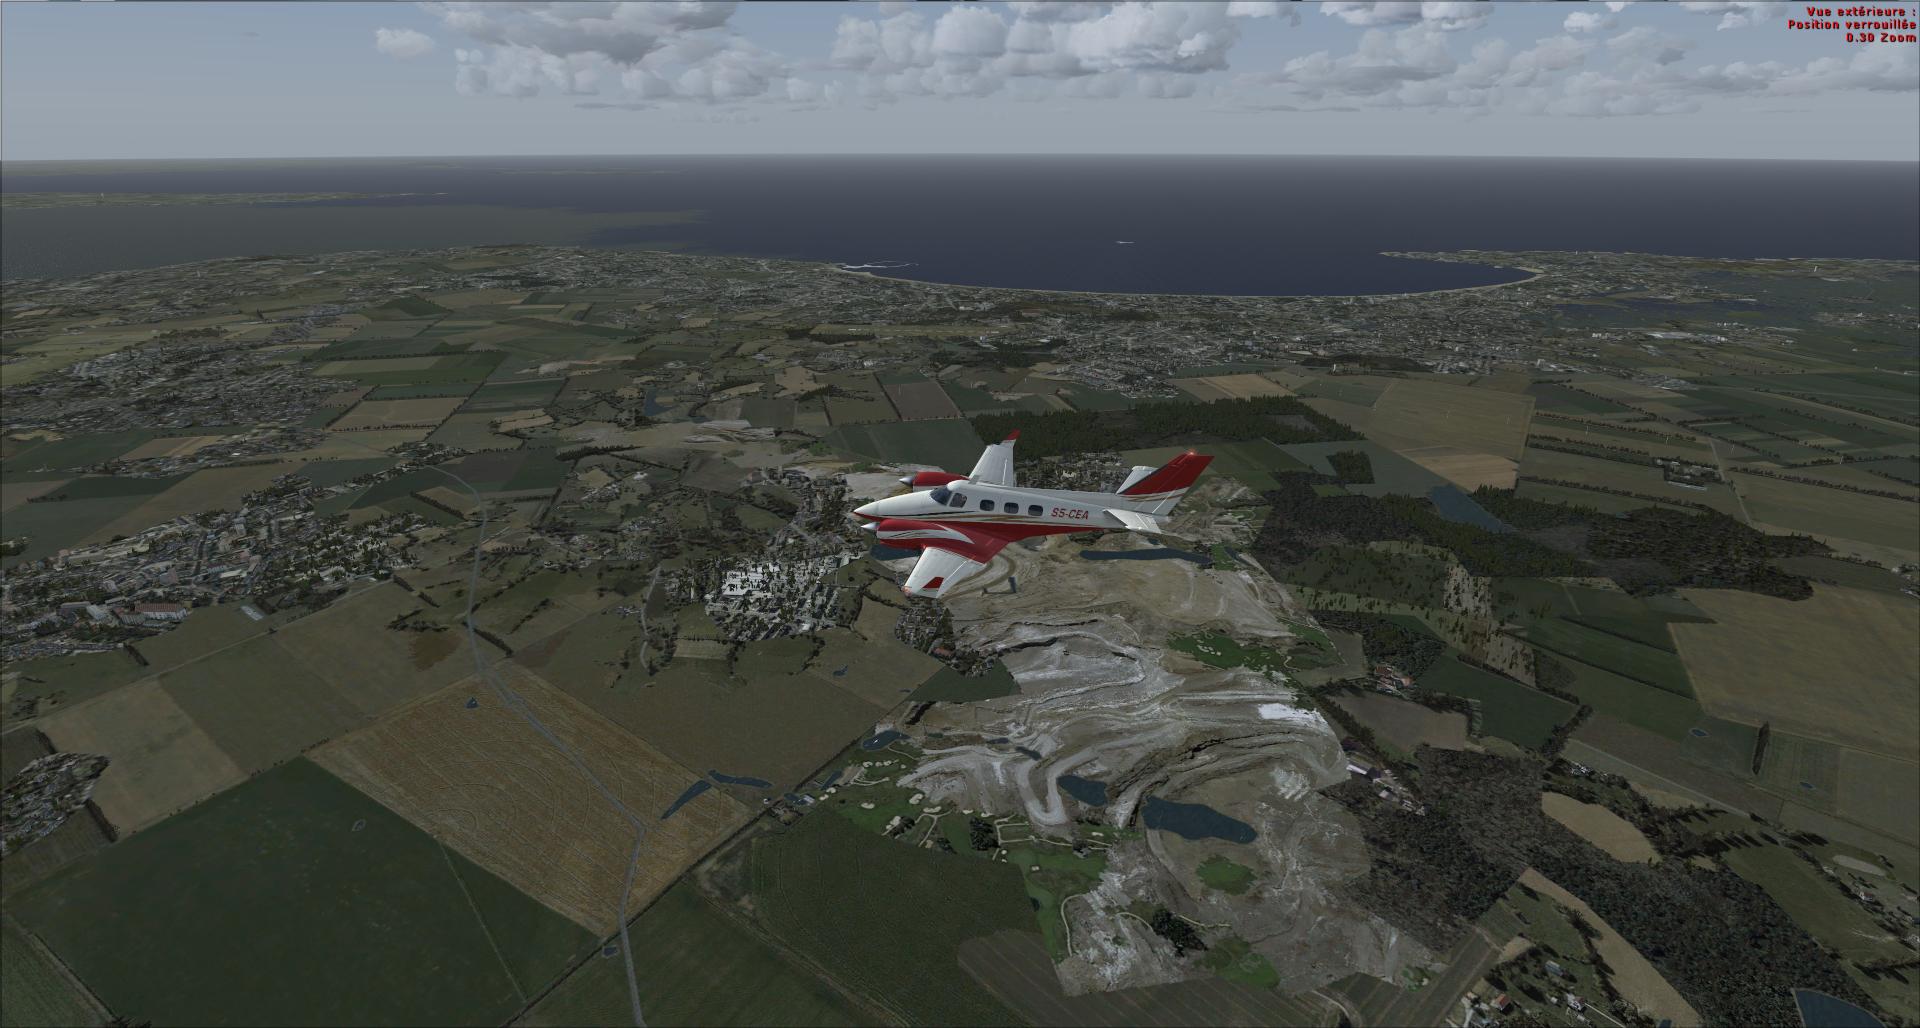 Rapport du vol: Ouessant (LFEC) à Ile de Re (LFBH) 8644692014114212044696